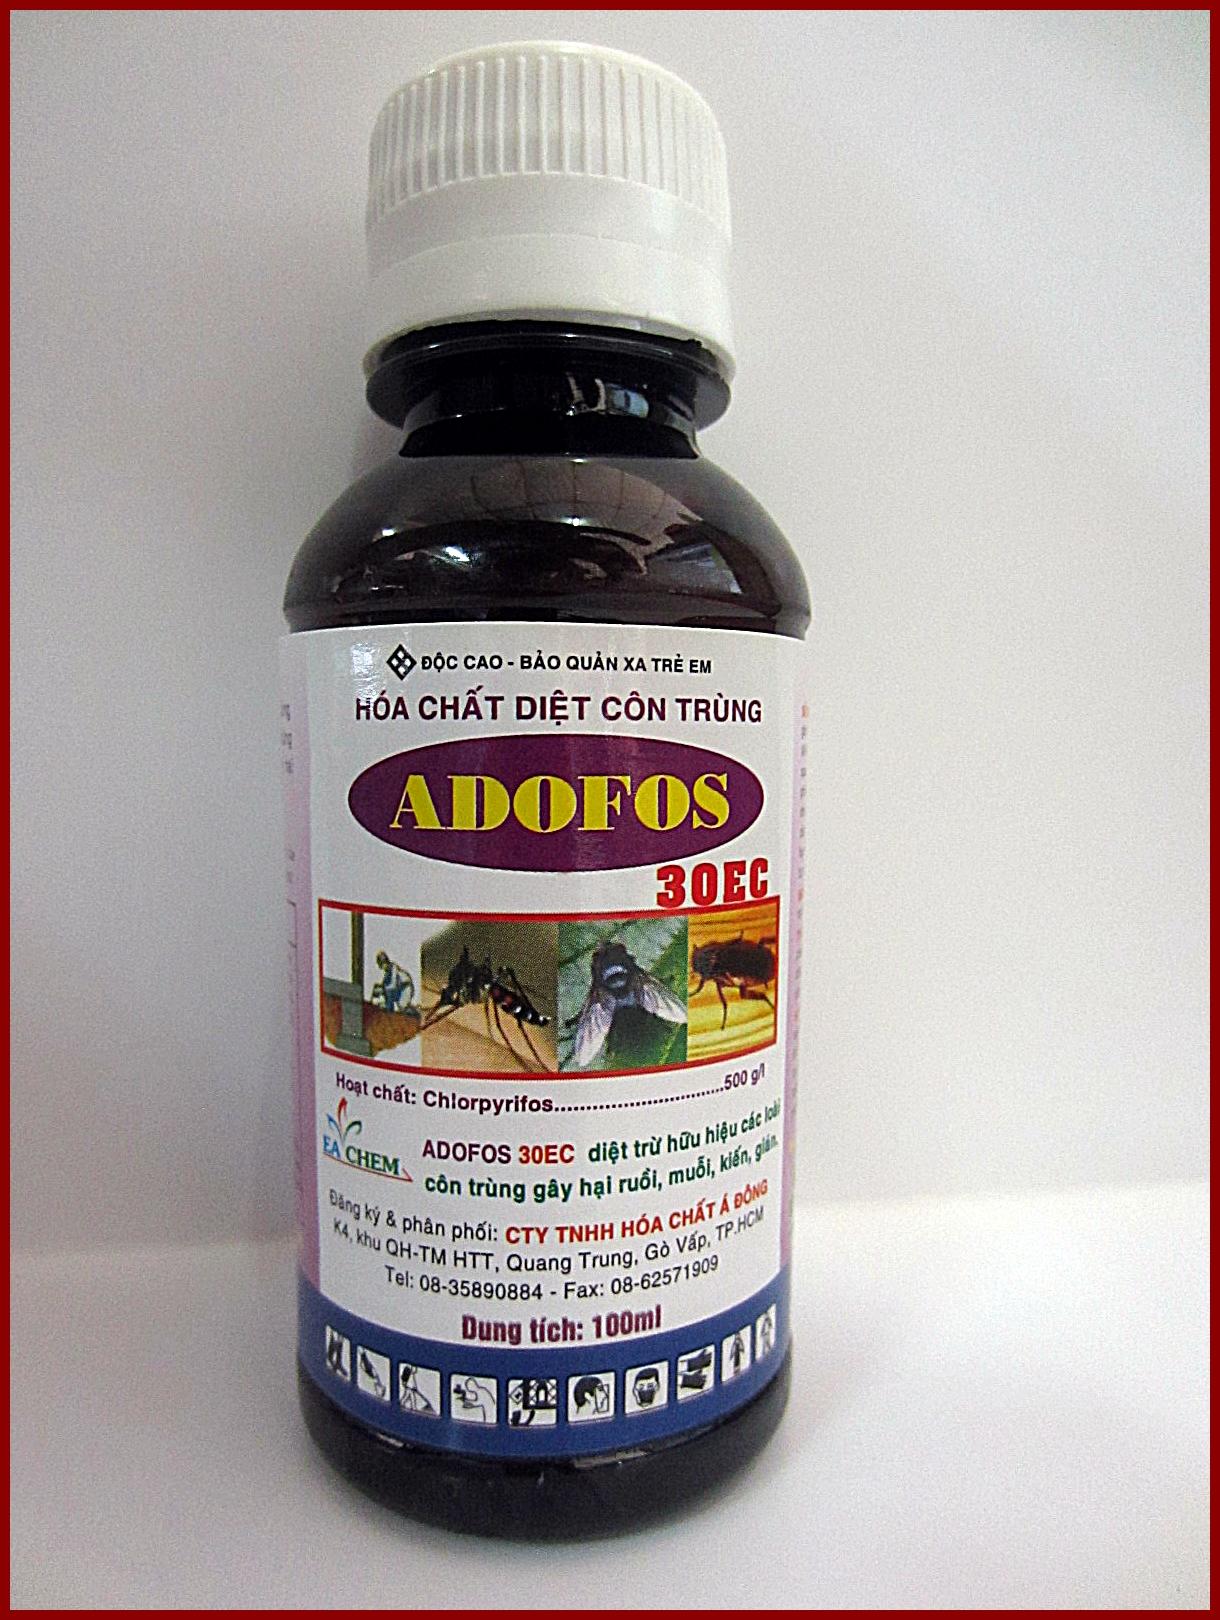 ADOFOS 30EC